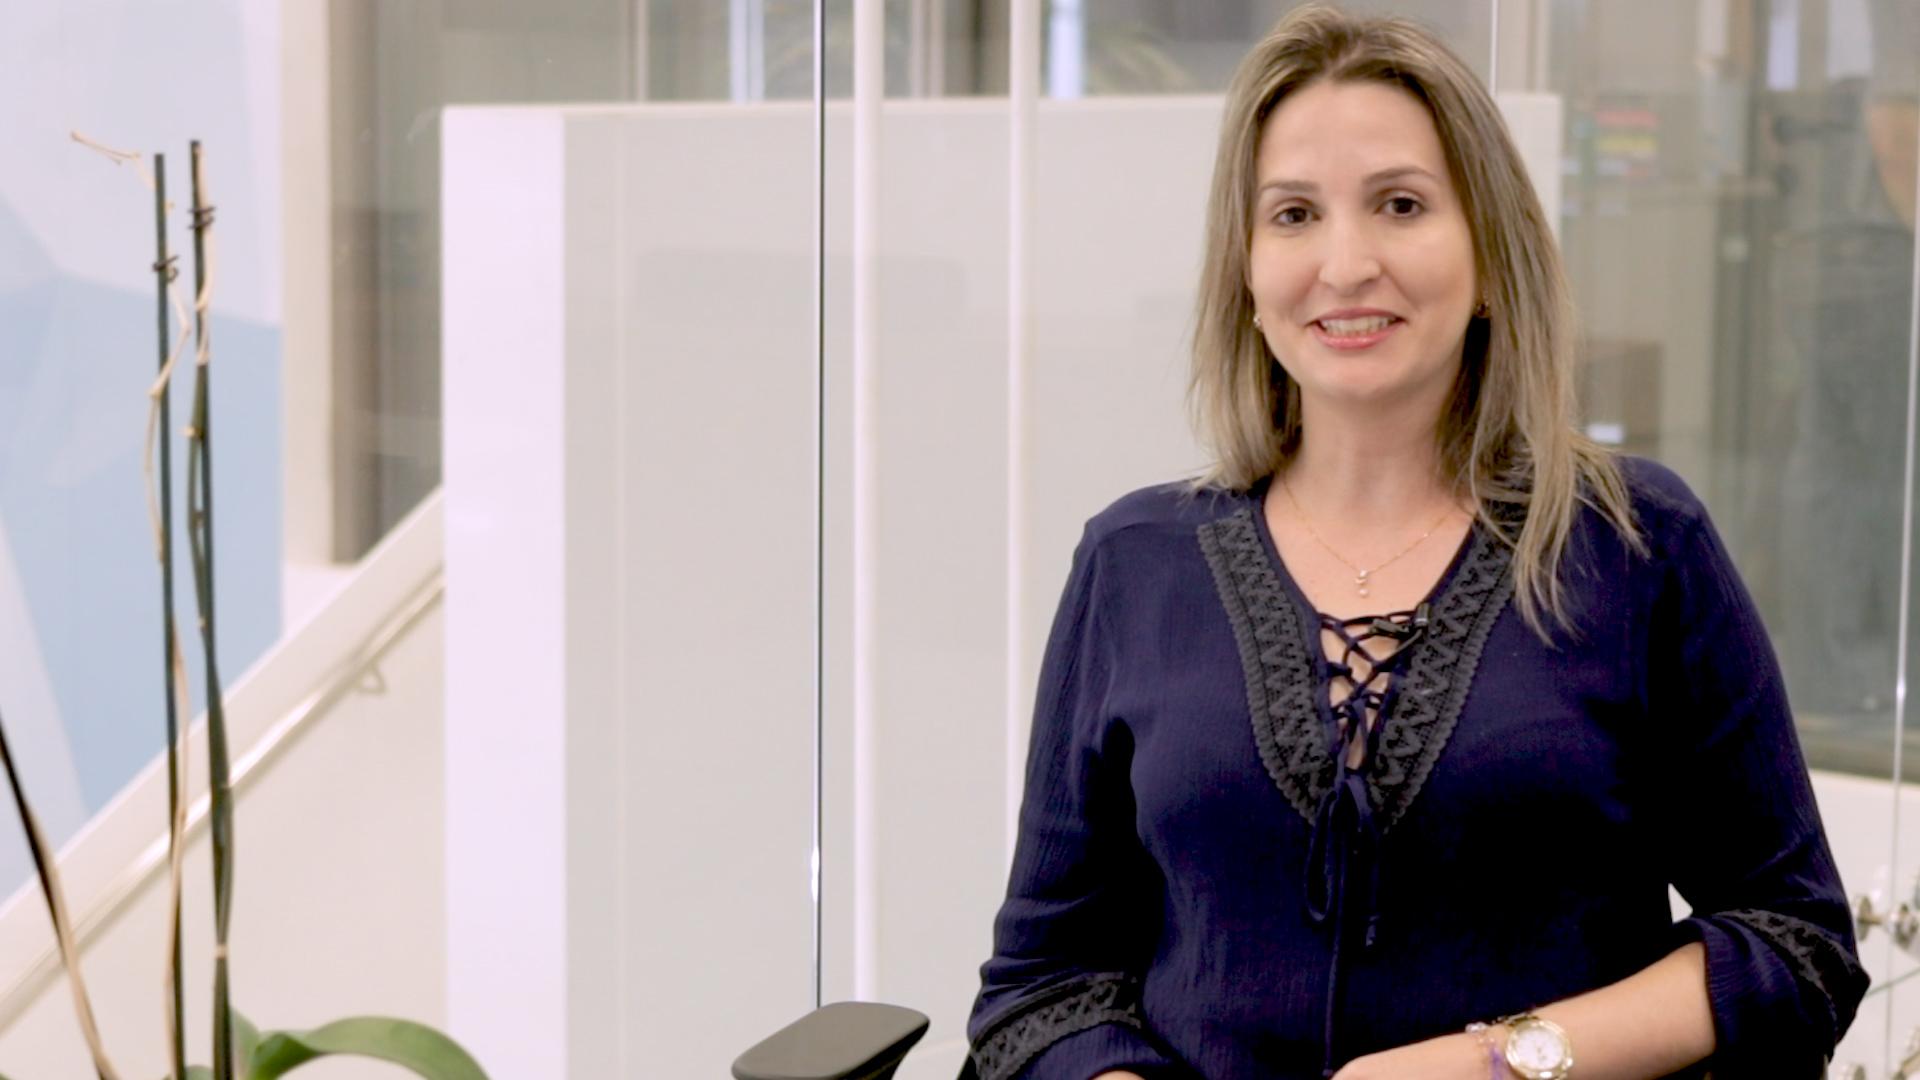 ENTREVISTA EM VÍDEO: Joilma Simões - Aprovada no TRT 15 para o cargo de Técnico Judiciário, polo São José dos Campos